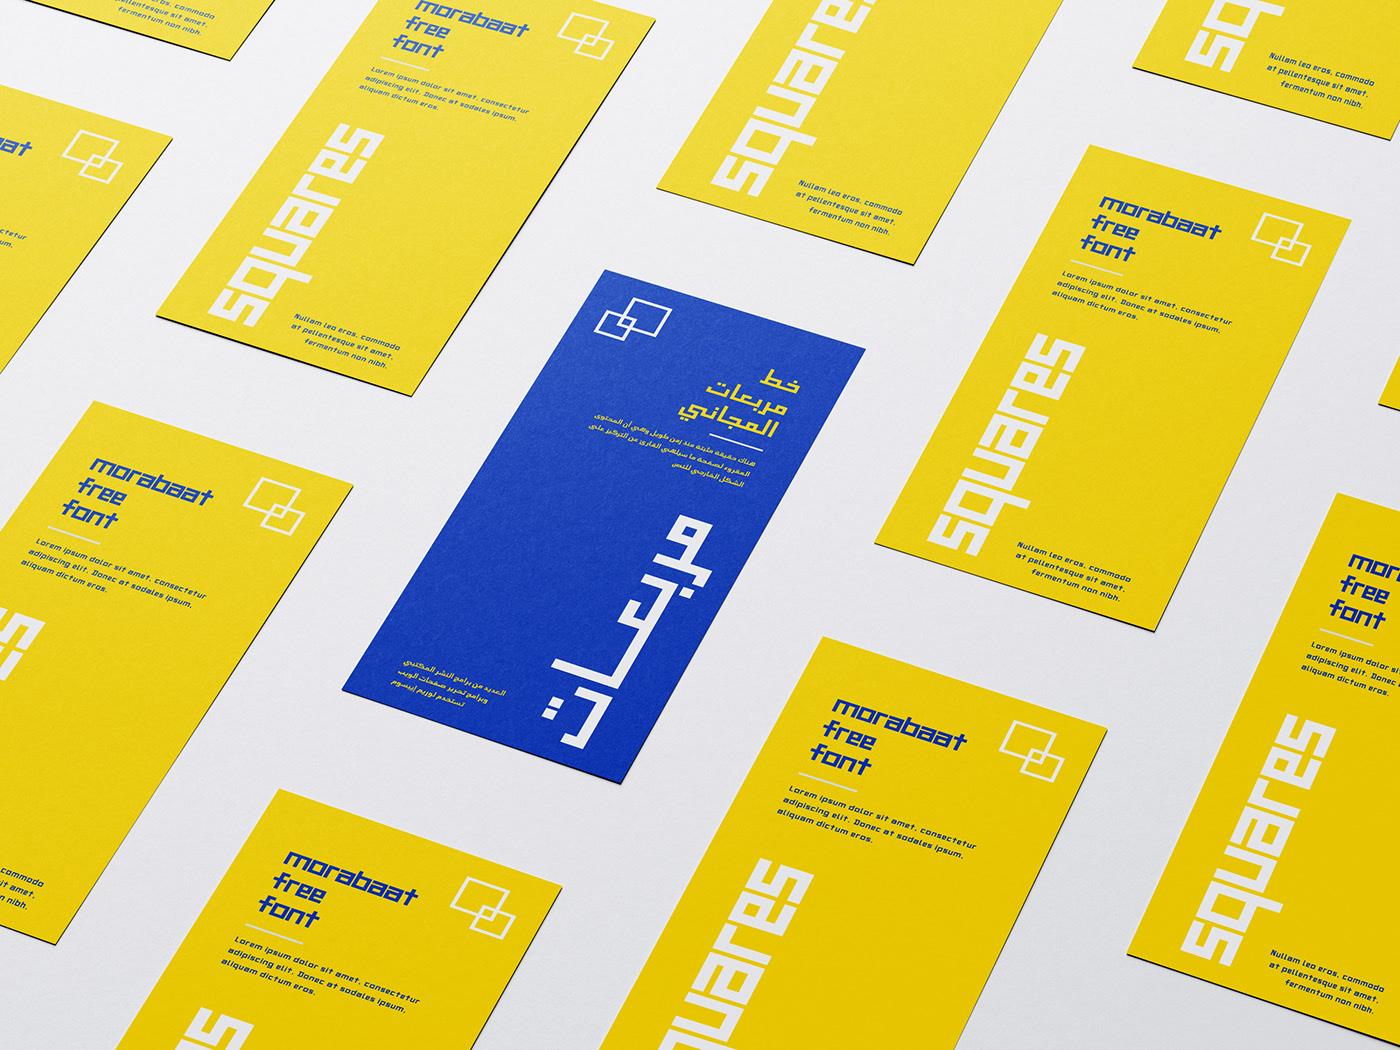 Morabaat Free Font - arabic